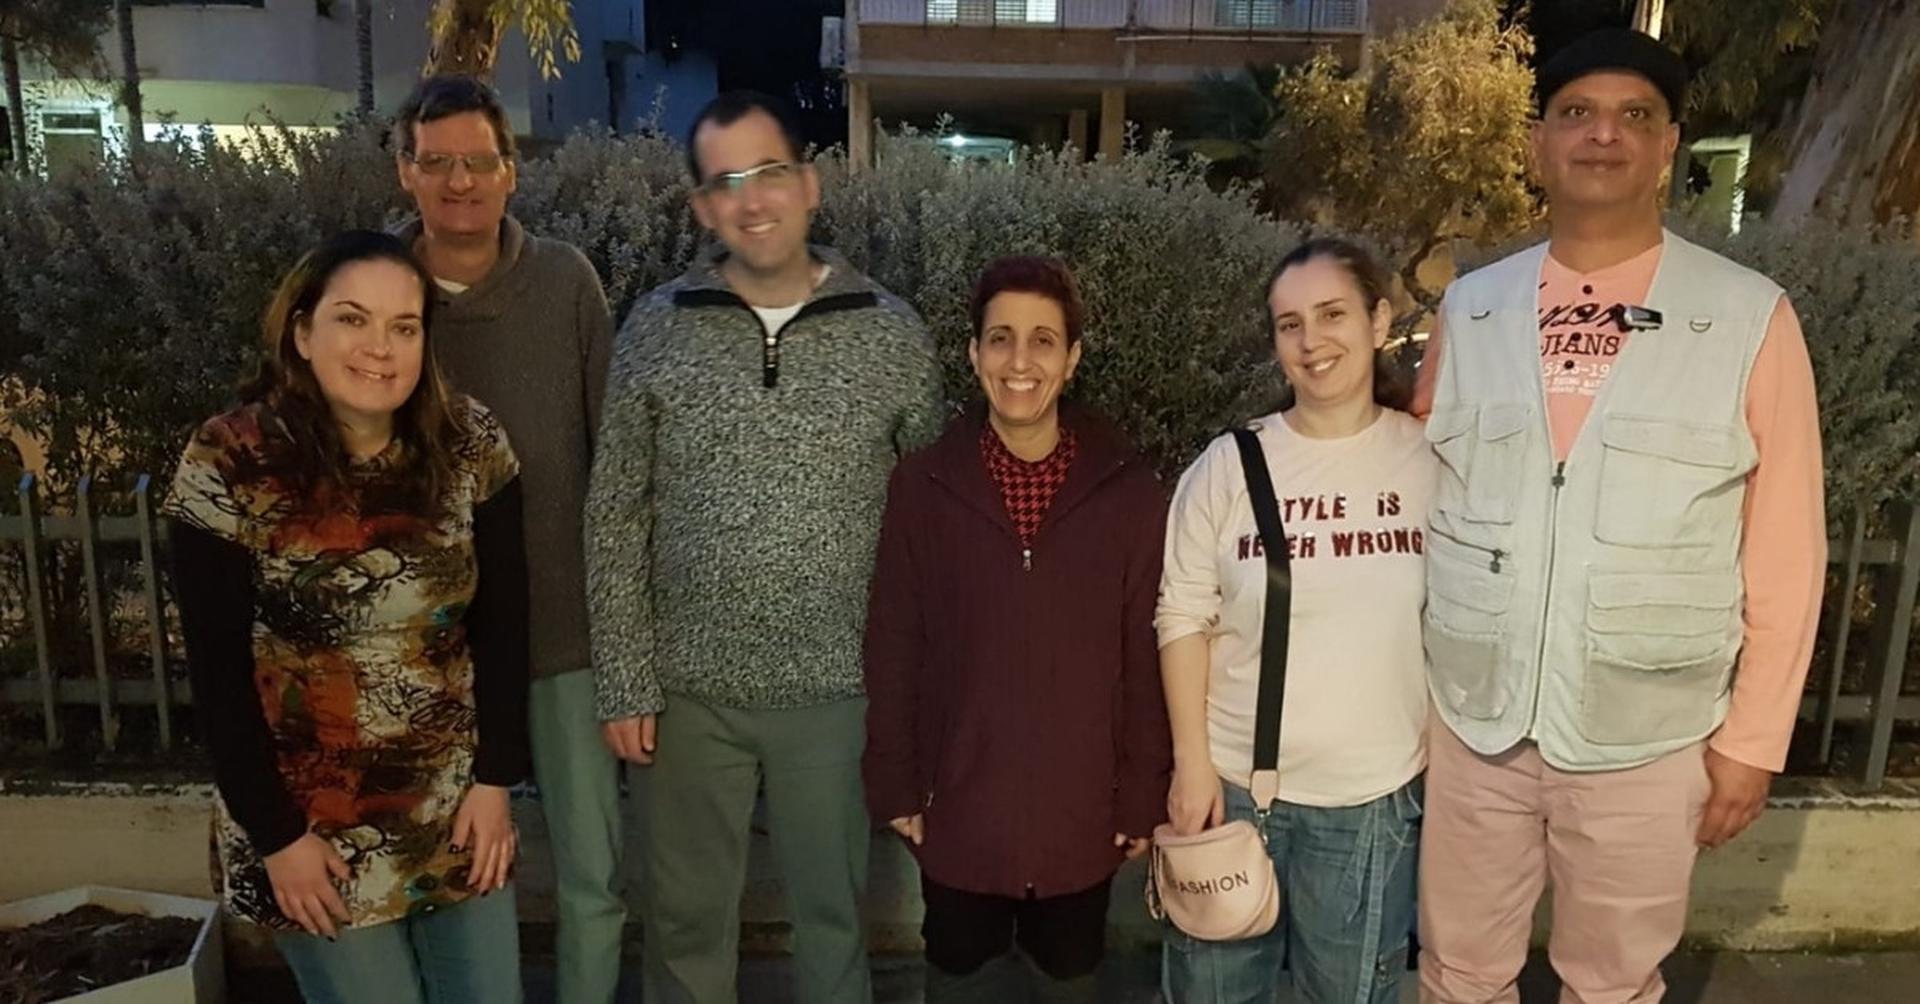 מימין לשמאל: אבי וברוריה, דורית ורז, טל וטלי   צילום: דודי רוזן